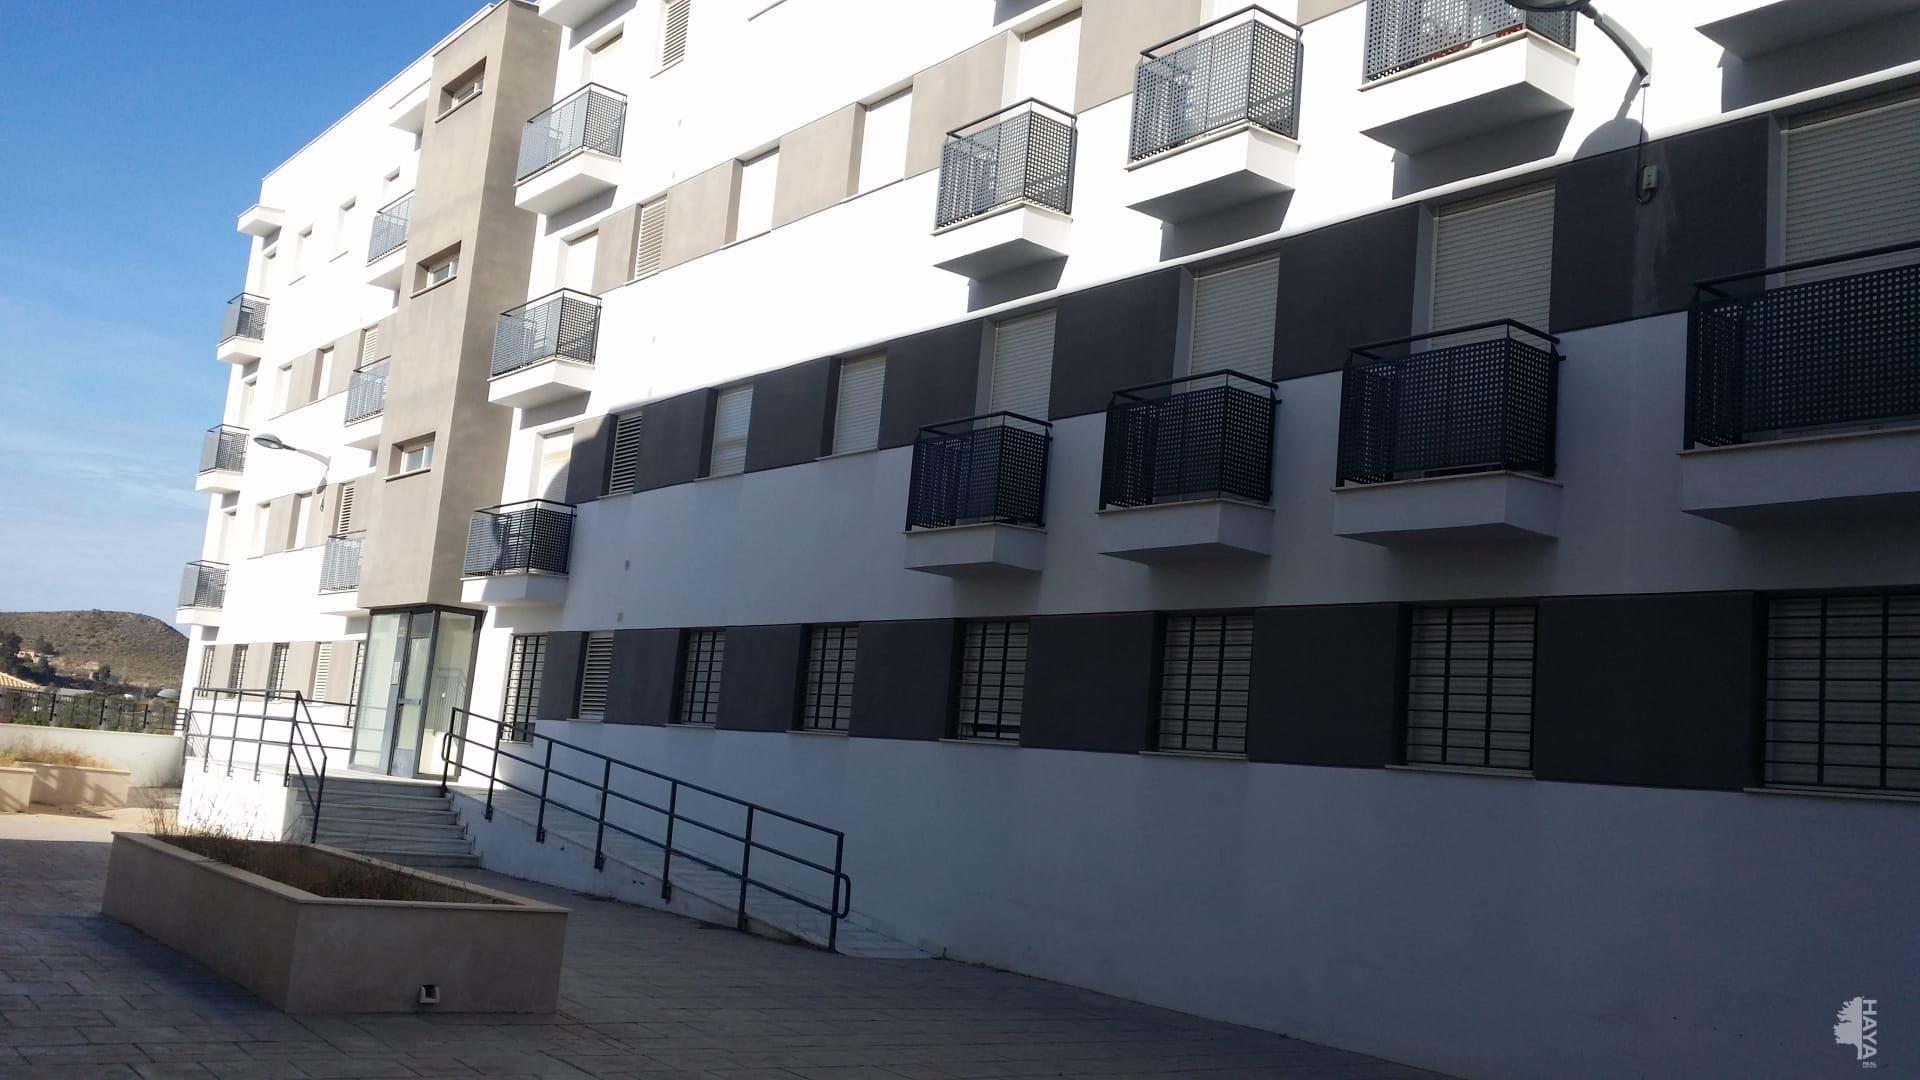 Piso en venta en Olula del Río, Almería, Calle Alta, 68.000 €, 3 habitaciones, 1 baño, 94 m2